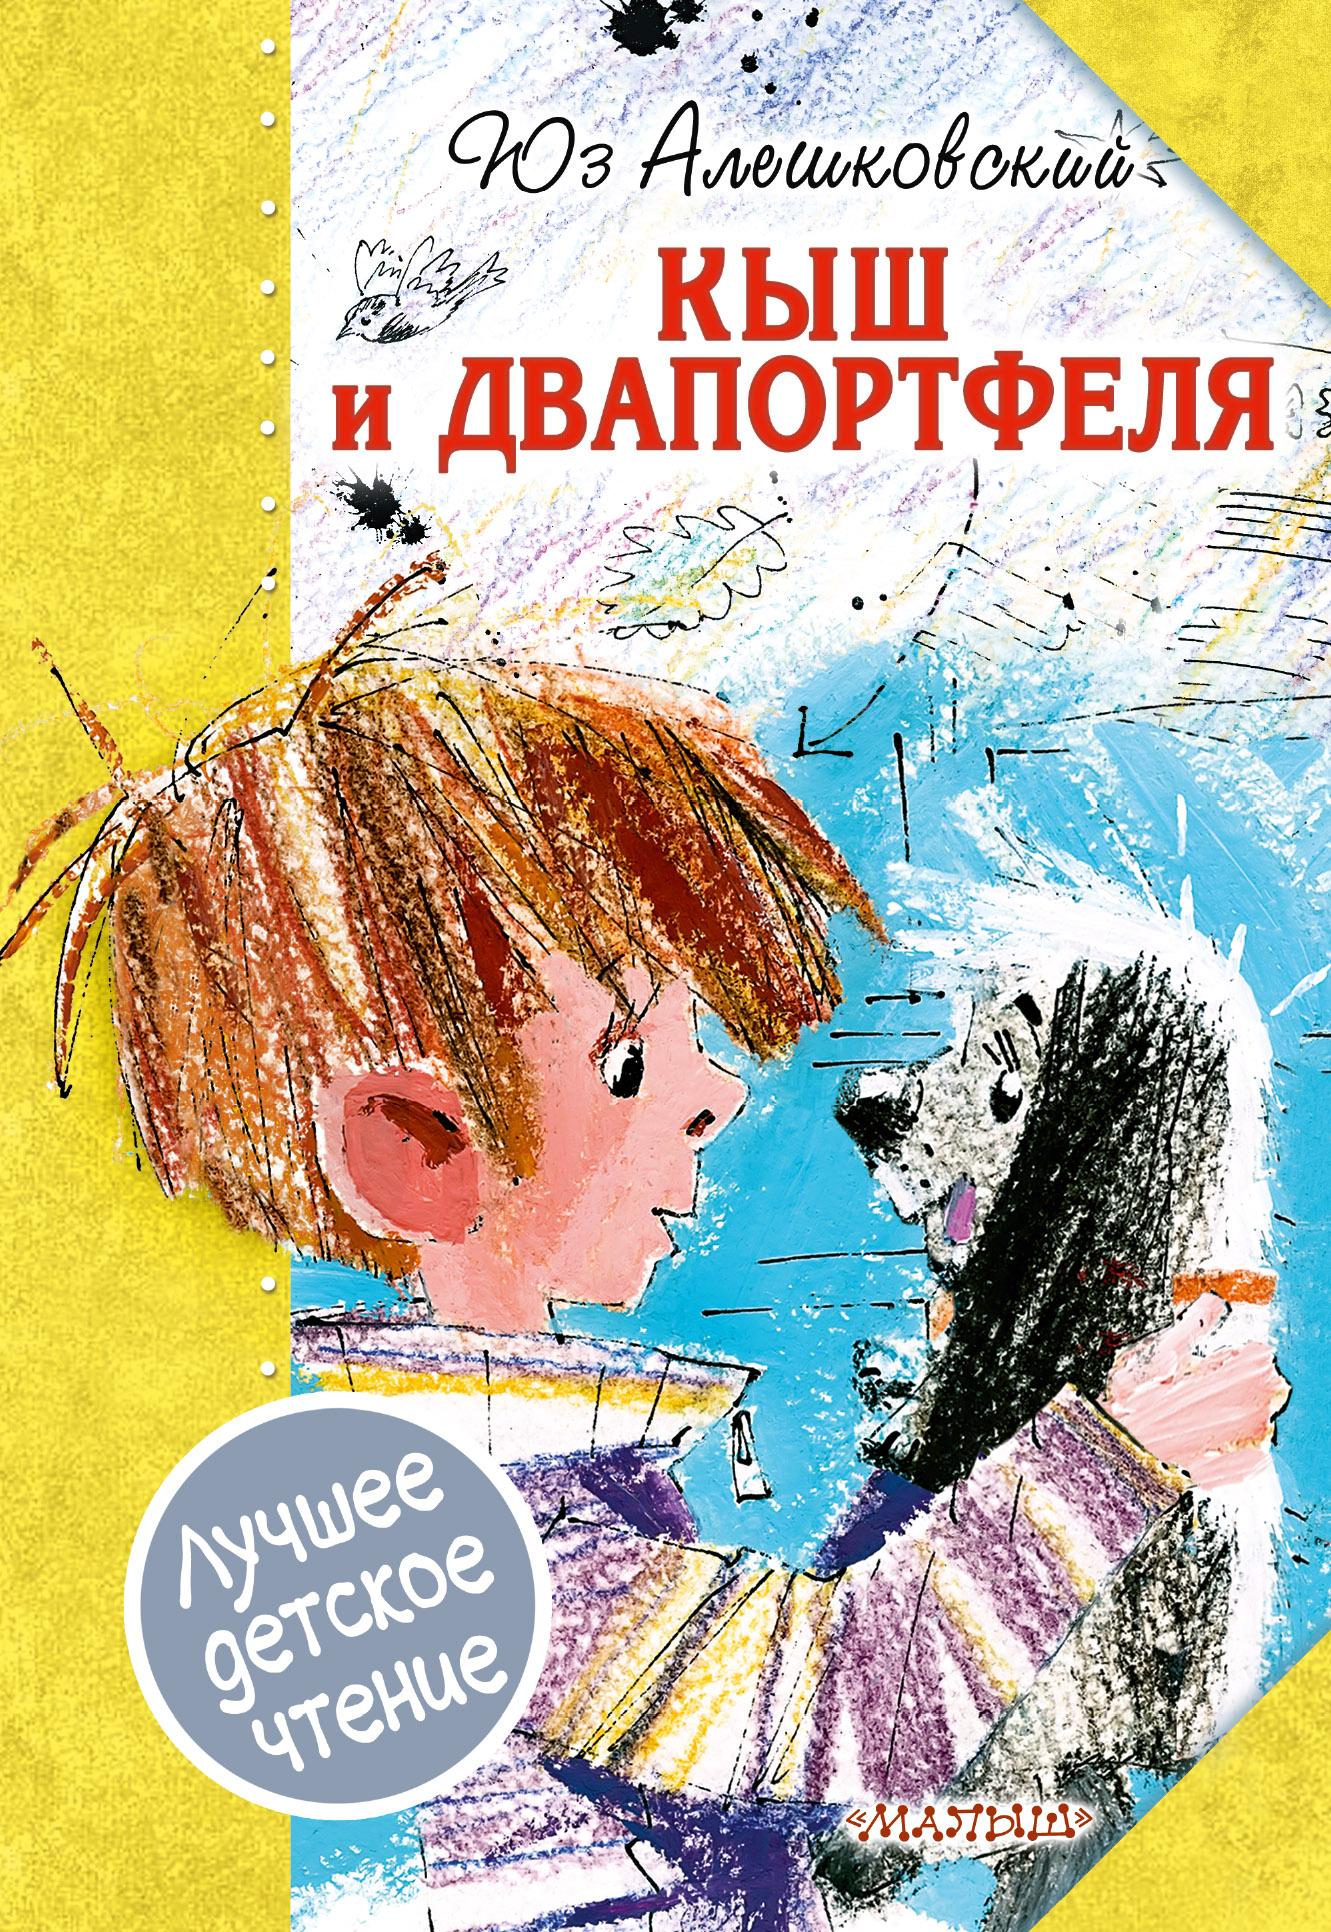 Фото - Алешковский Юз Кыш и Двапортфеля алешковский ю кыш и двапортфеля